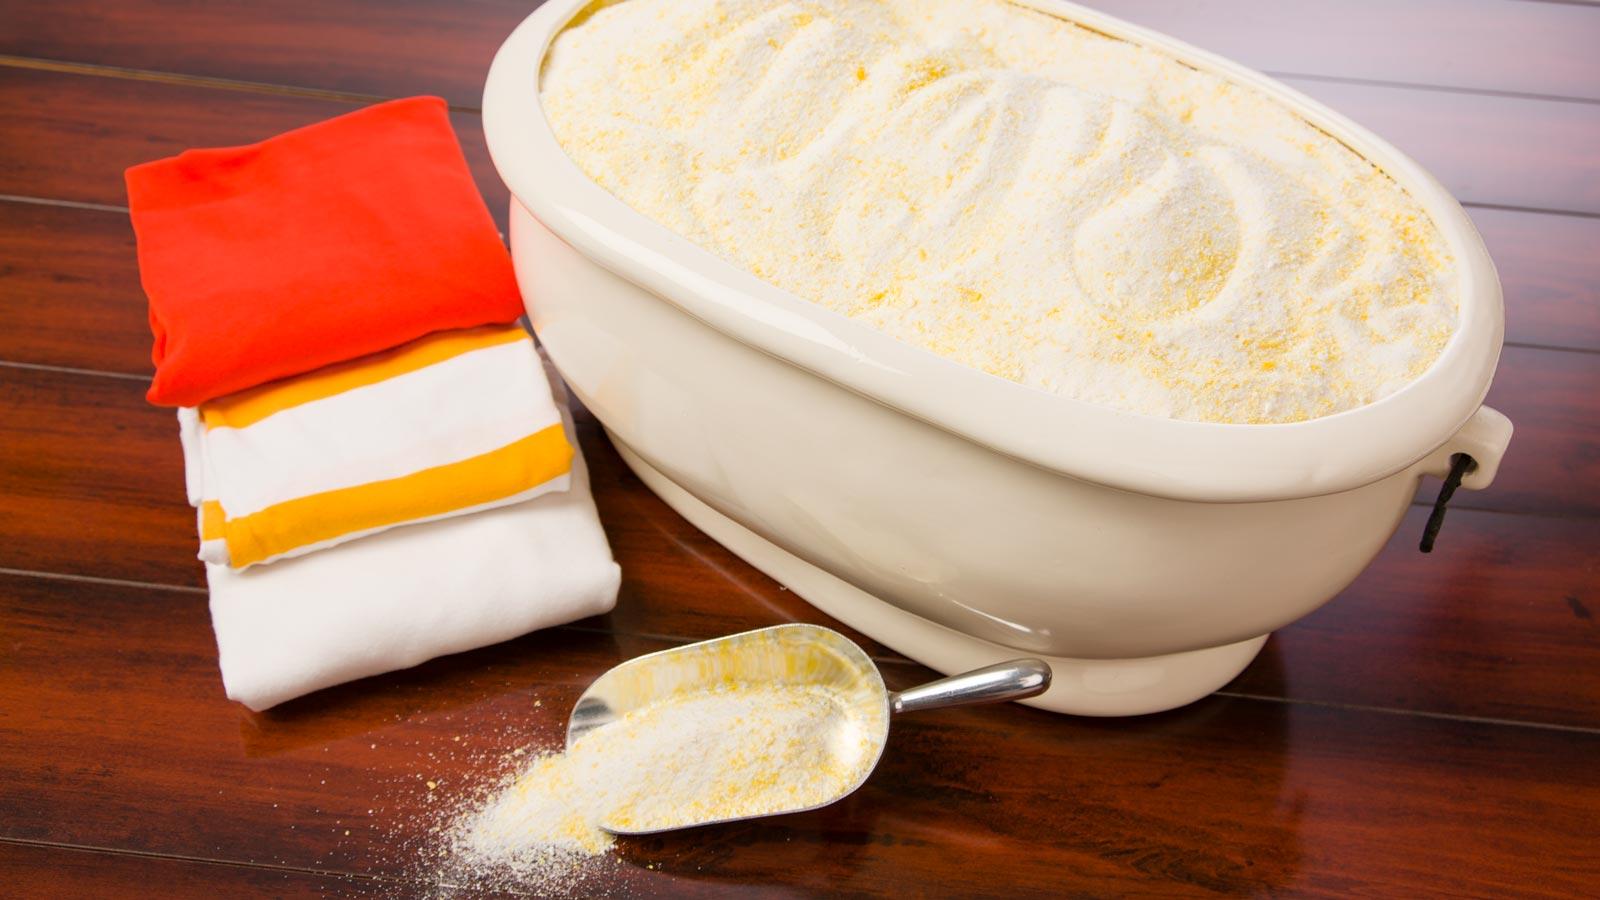 DIY: Powder Laundry Detergent | dōTERRA Essential Oils